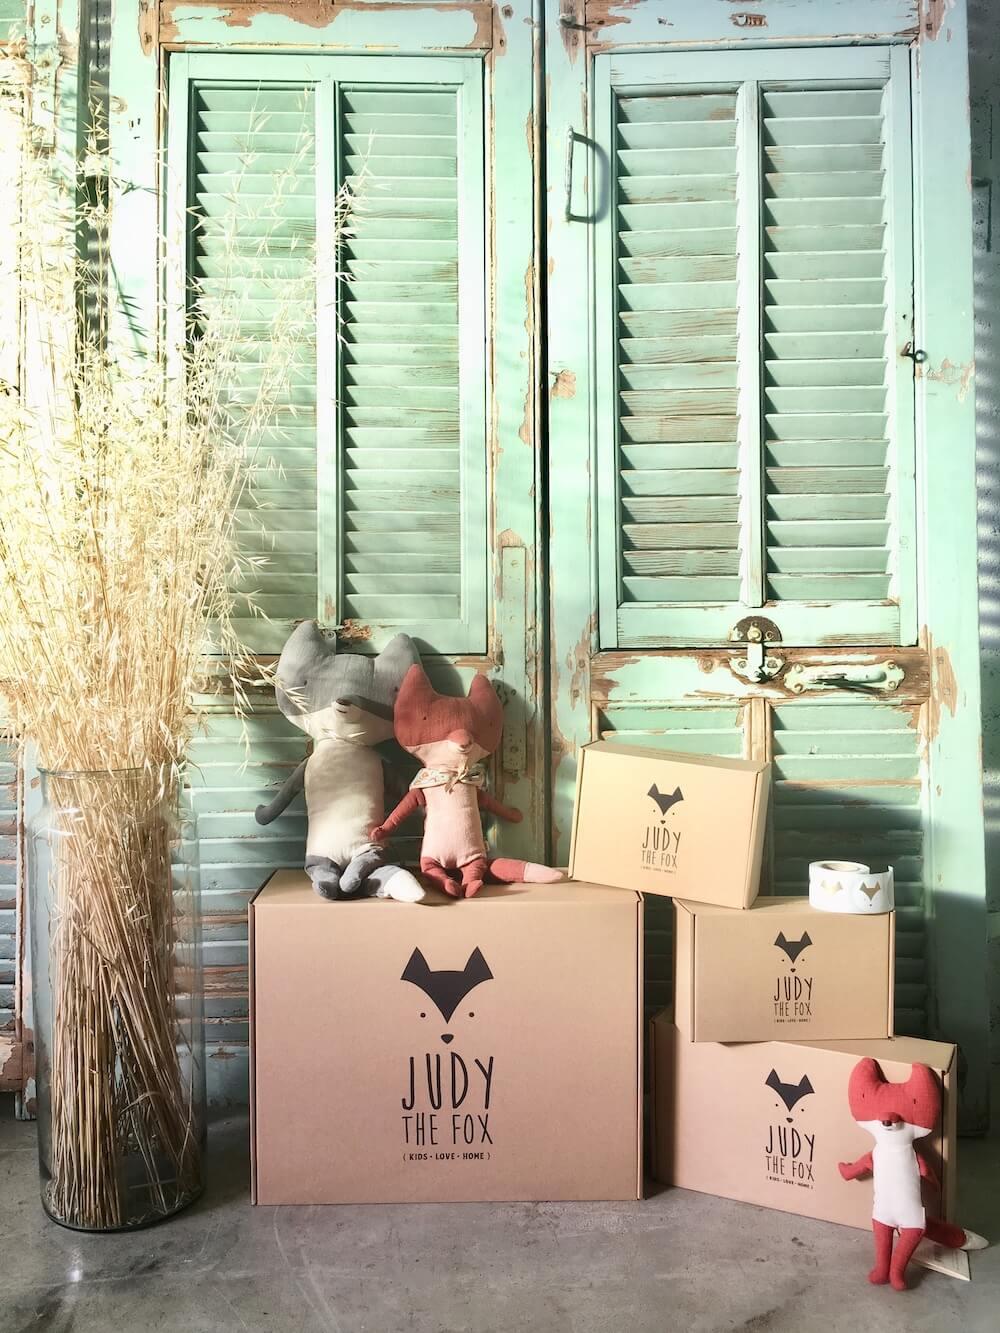 Peluches et boîtes Judy the Fox devant un volet dépeint